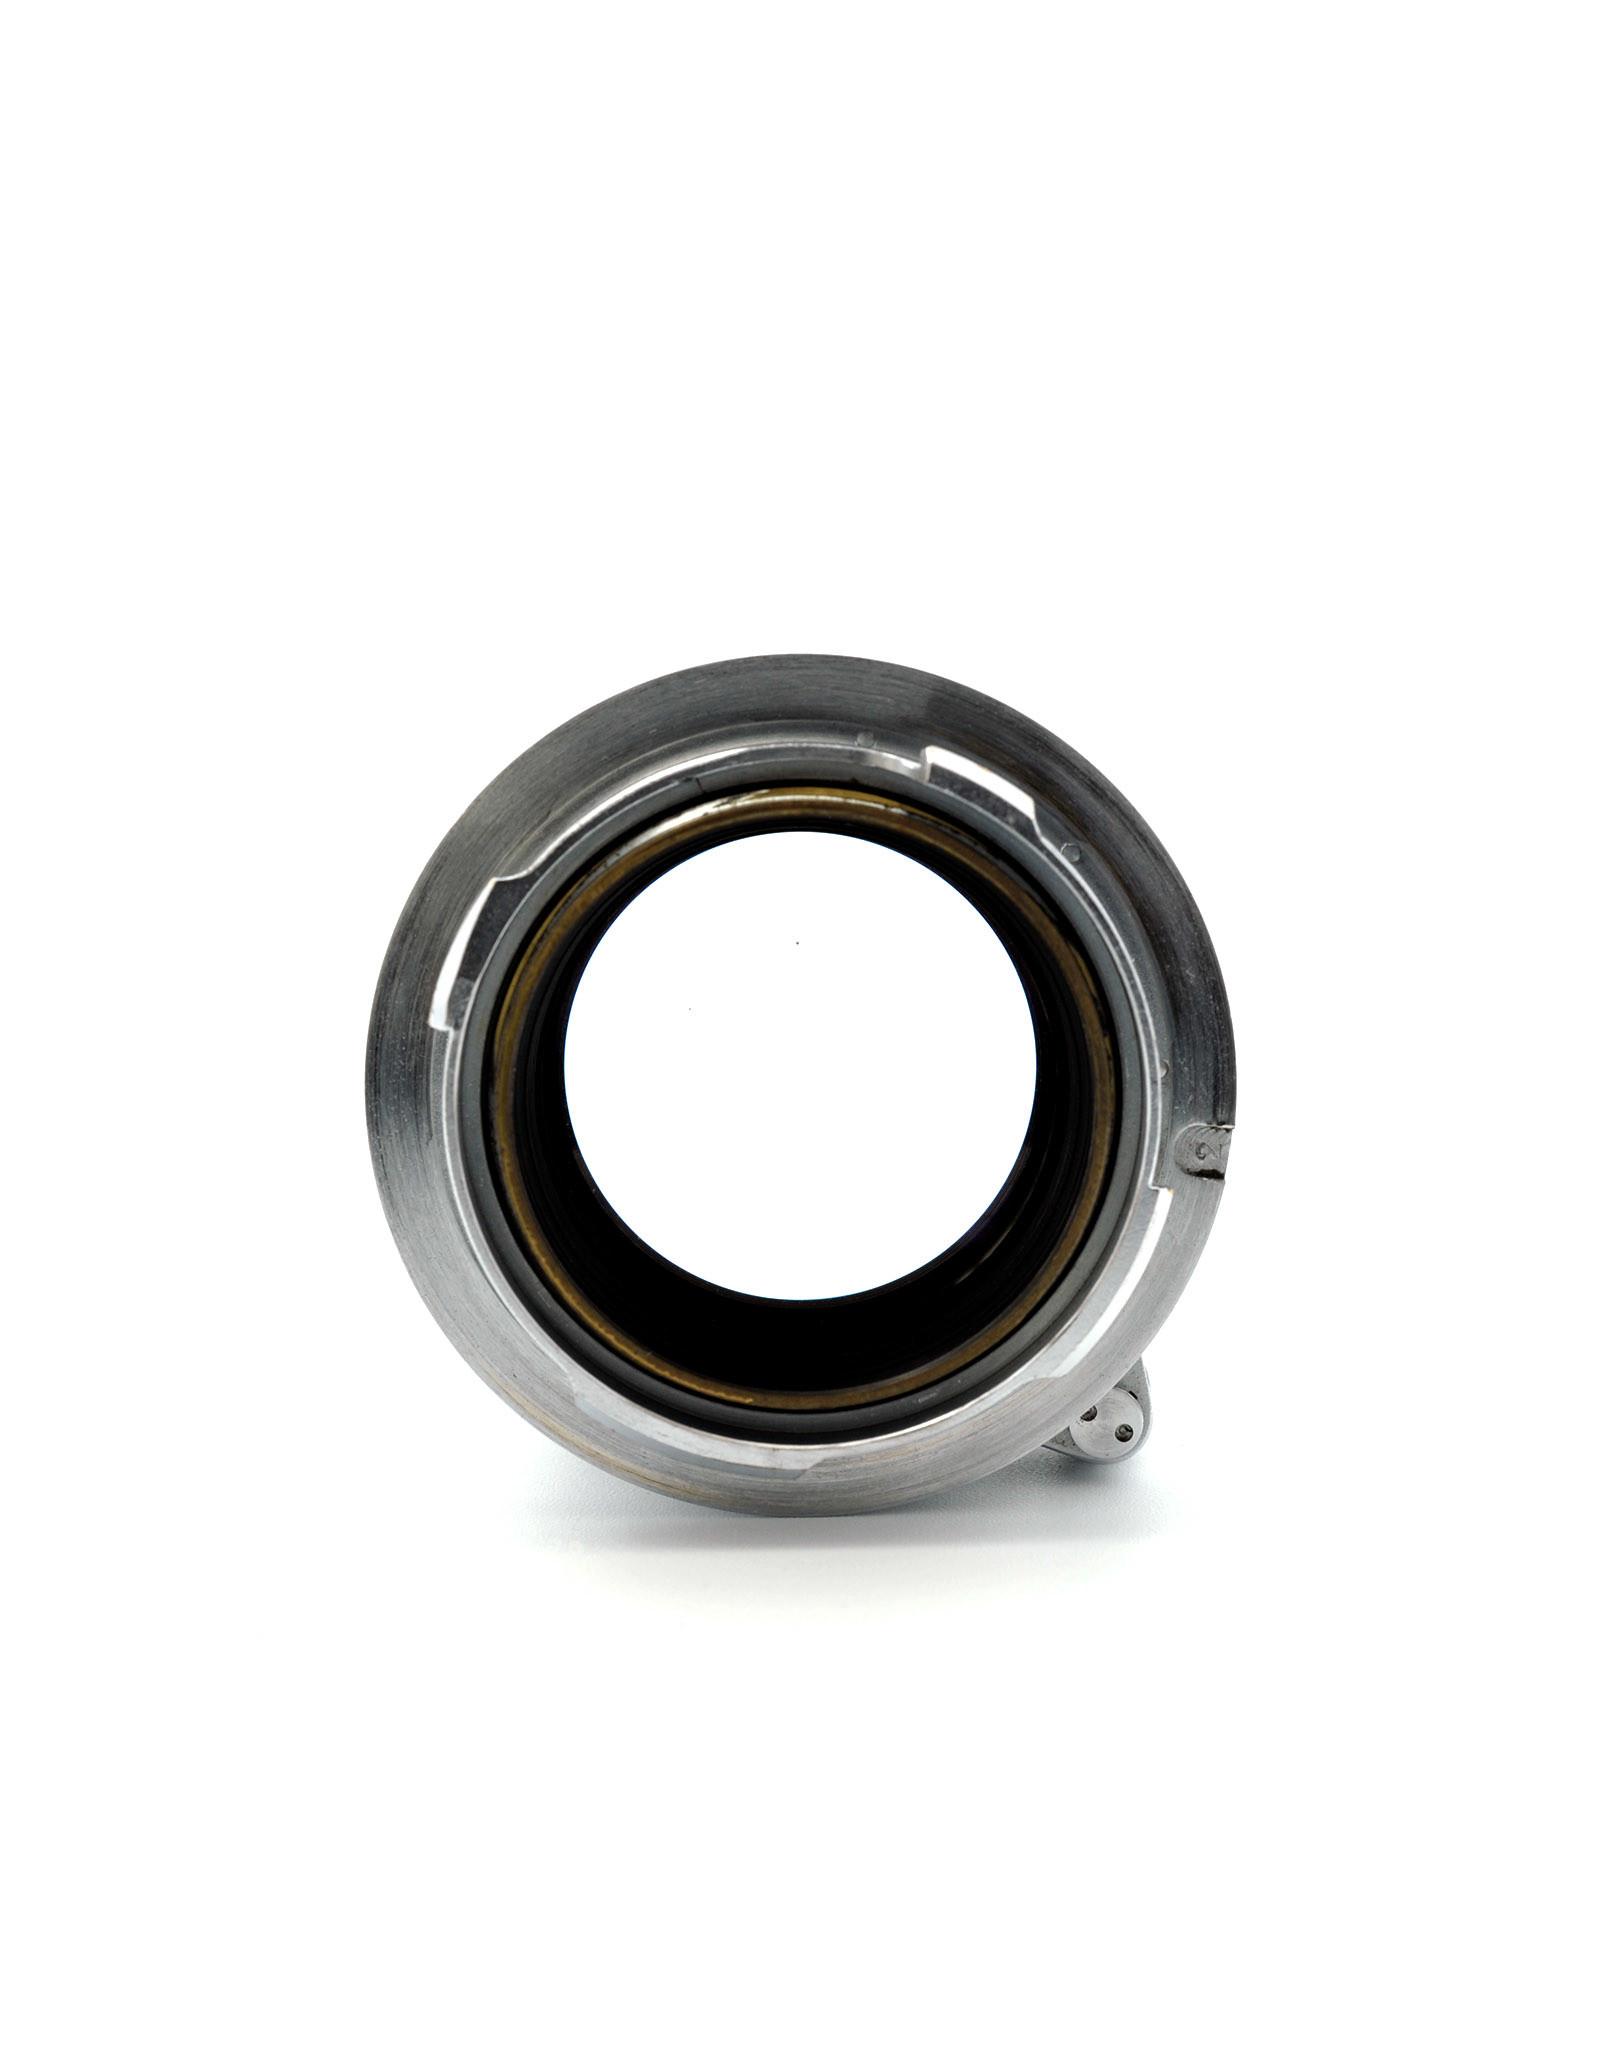 Leica Leica 5cm f1.5 Summarit   AP1031803